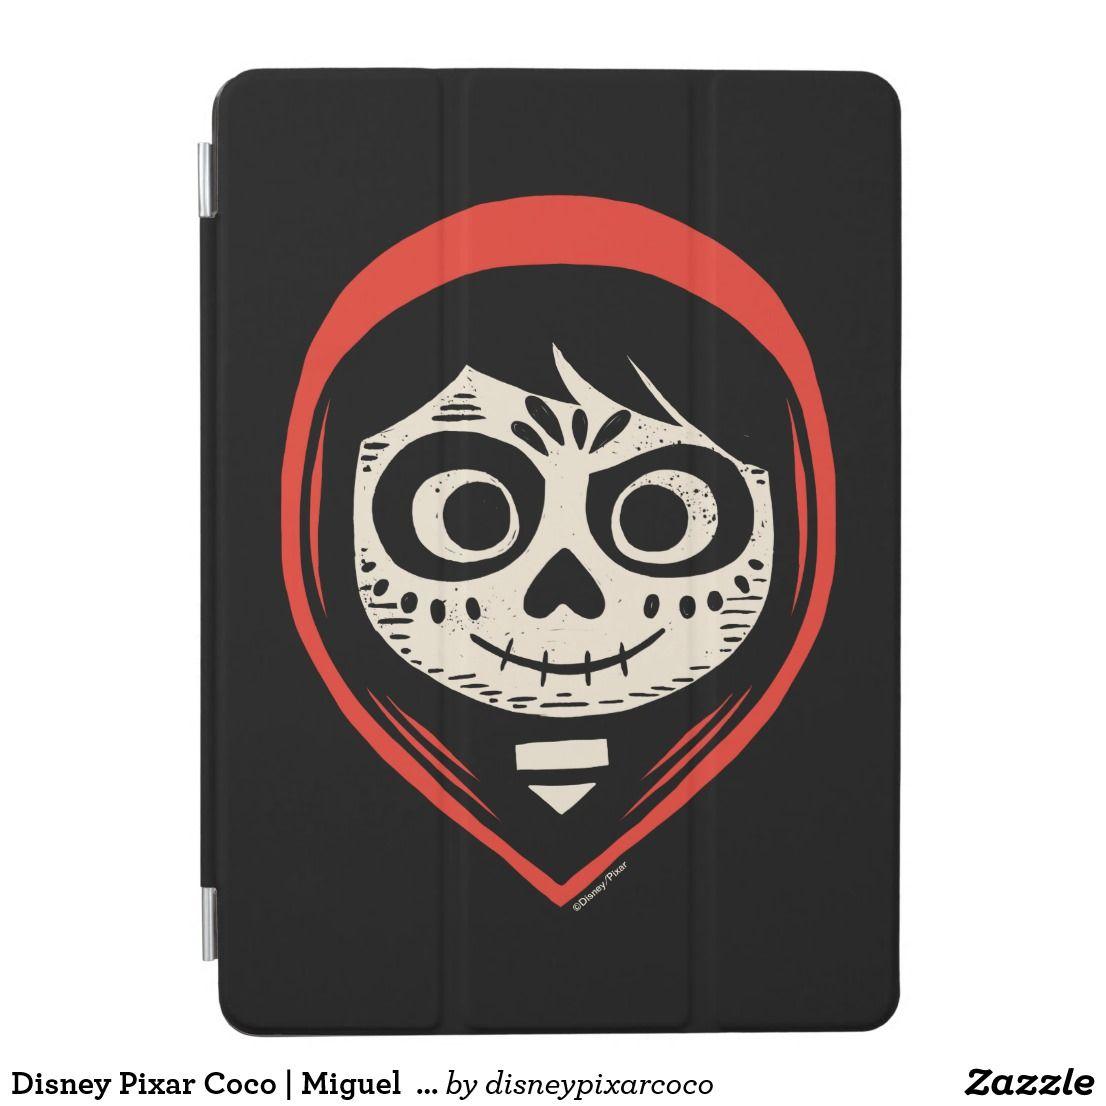 Disney Pixar Coco Miguel Dia De Los Muertos Ipad Air Cover